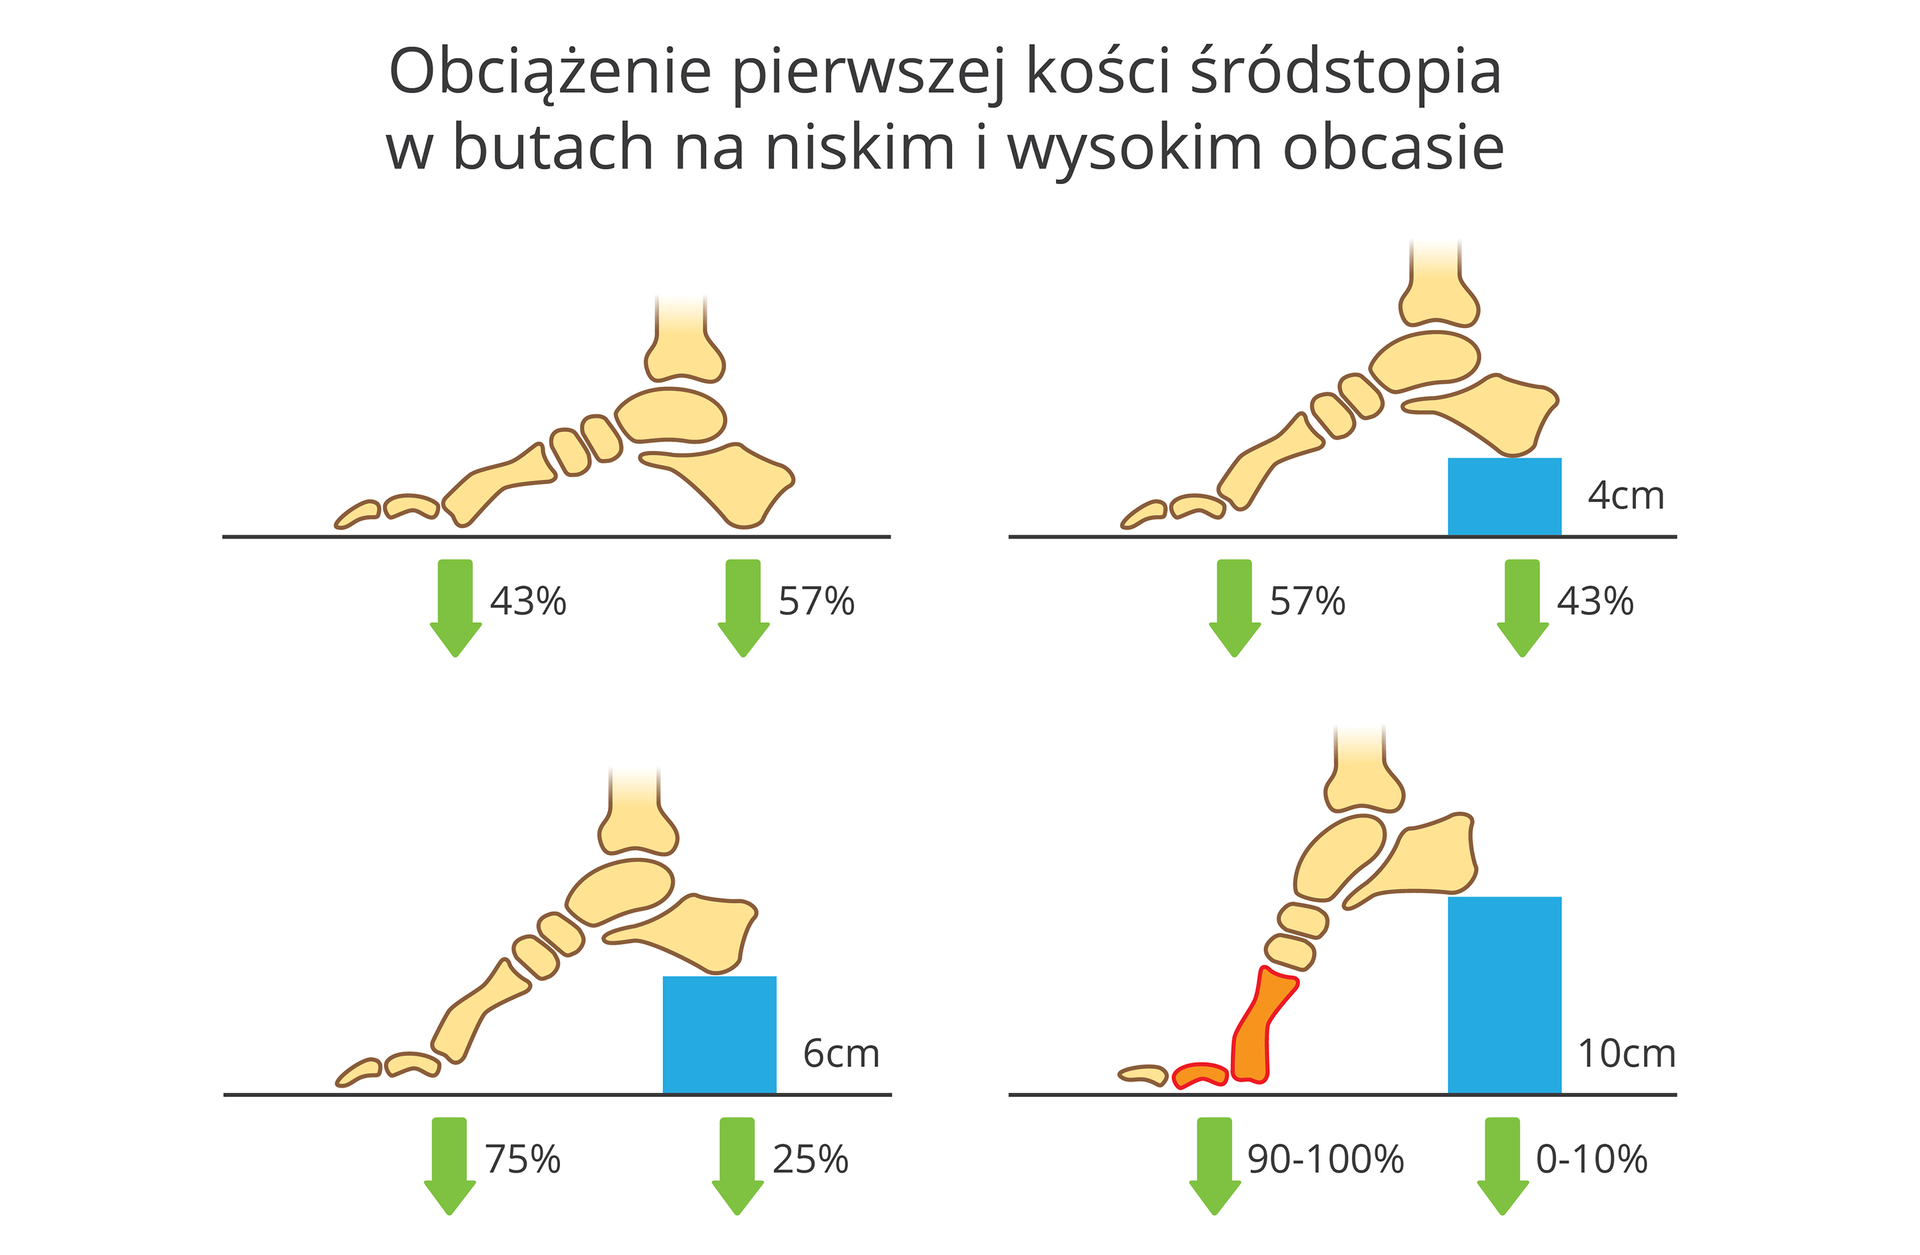 Ilustracja przedstawia 4 rysunki kości stopy wkolorze morelowym, zboku, na poziomej kresce. Na niebiesko zaznaczono obcasy oróżnej wysokości iukład kości wbutach na takim obcasie. Pierwsza zlewej ugóry stopa bez obcasa. Zielone strzałki wskazują procentowe rozłożenie ciężaru ciała na pierwszą kość śródstopia (43 procent) ikość piętową (57 procent). Zprawej stopa na obcasie owysokości 4 centymetrów. Kość śródstopia obciążona wpięćdziesięciu siedmiu procentach, kość piętowa wczterdziestu trzech procentach. Udołu na obcasie sześciocentymetrowym kość śródstopia obciążona wsiedemdziesięciu pięciu procentach, pieta wdwudziestu pięciu procentach. Na obcasie owysokości 10 centymetrów kość śródstopia dźwiga 90 do 100 procent ciężaru ciała. Zaznaczono to kolorem ciemnopomarańczowym.